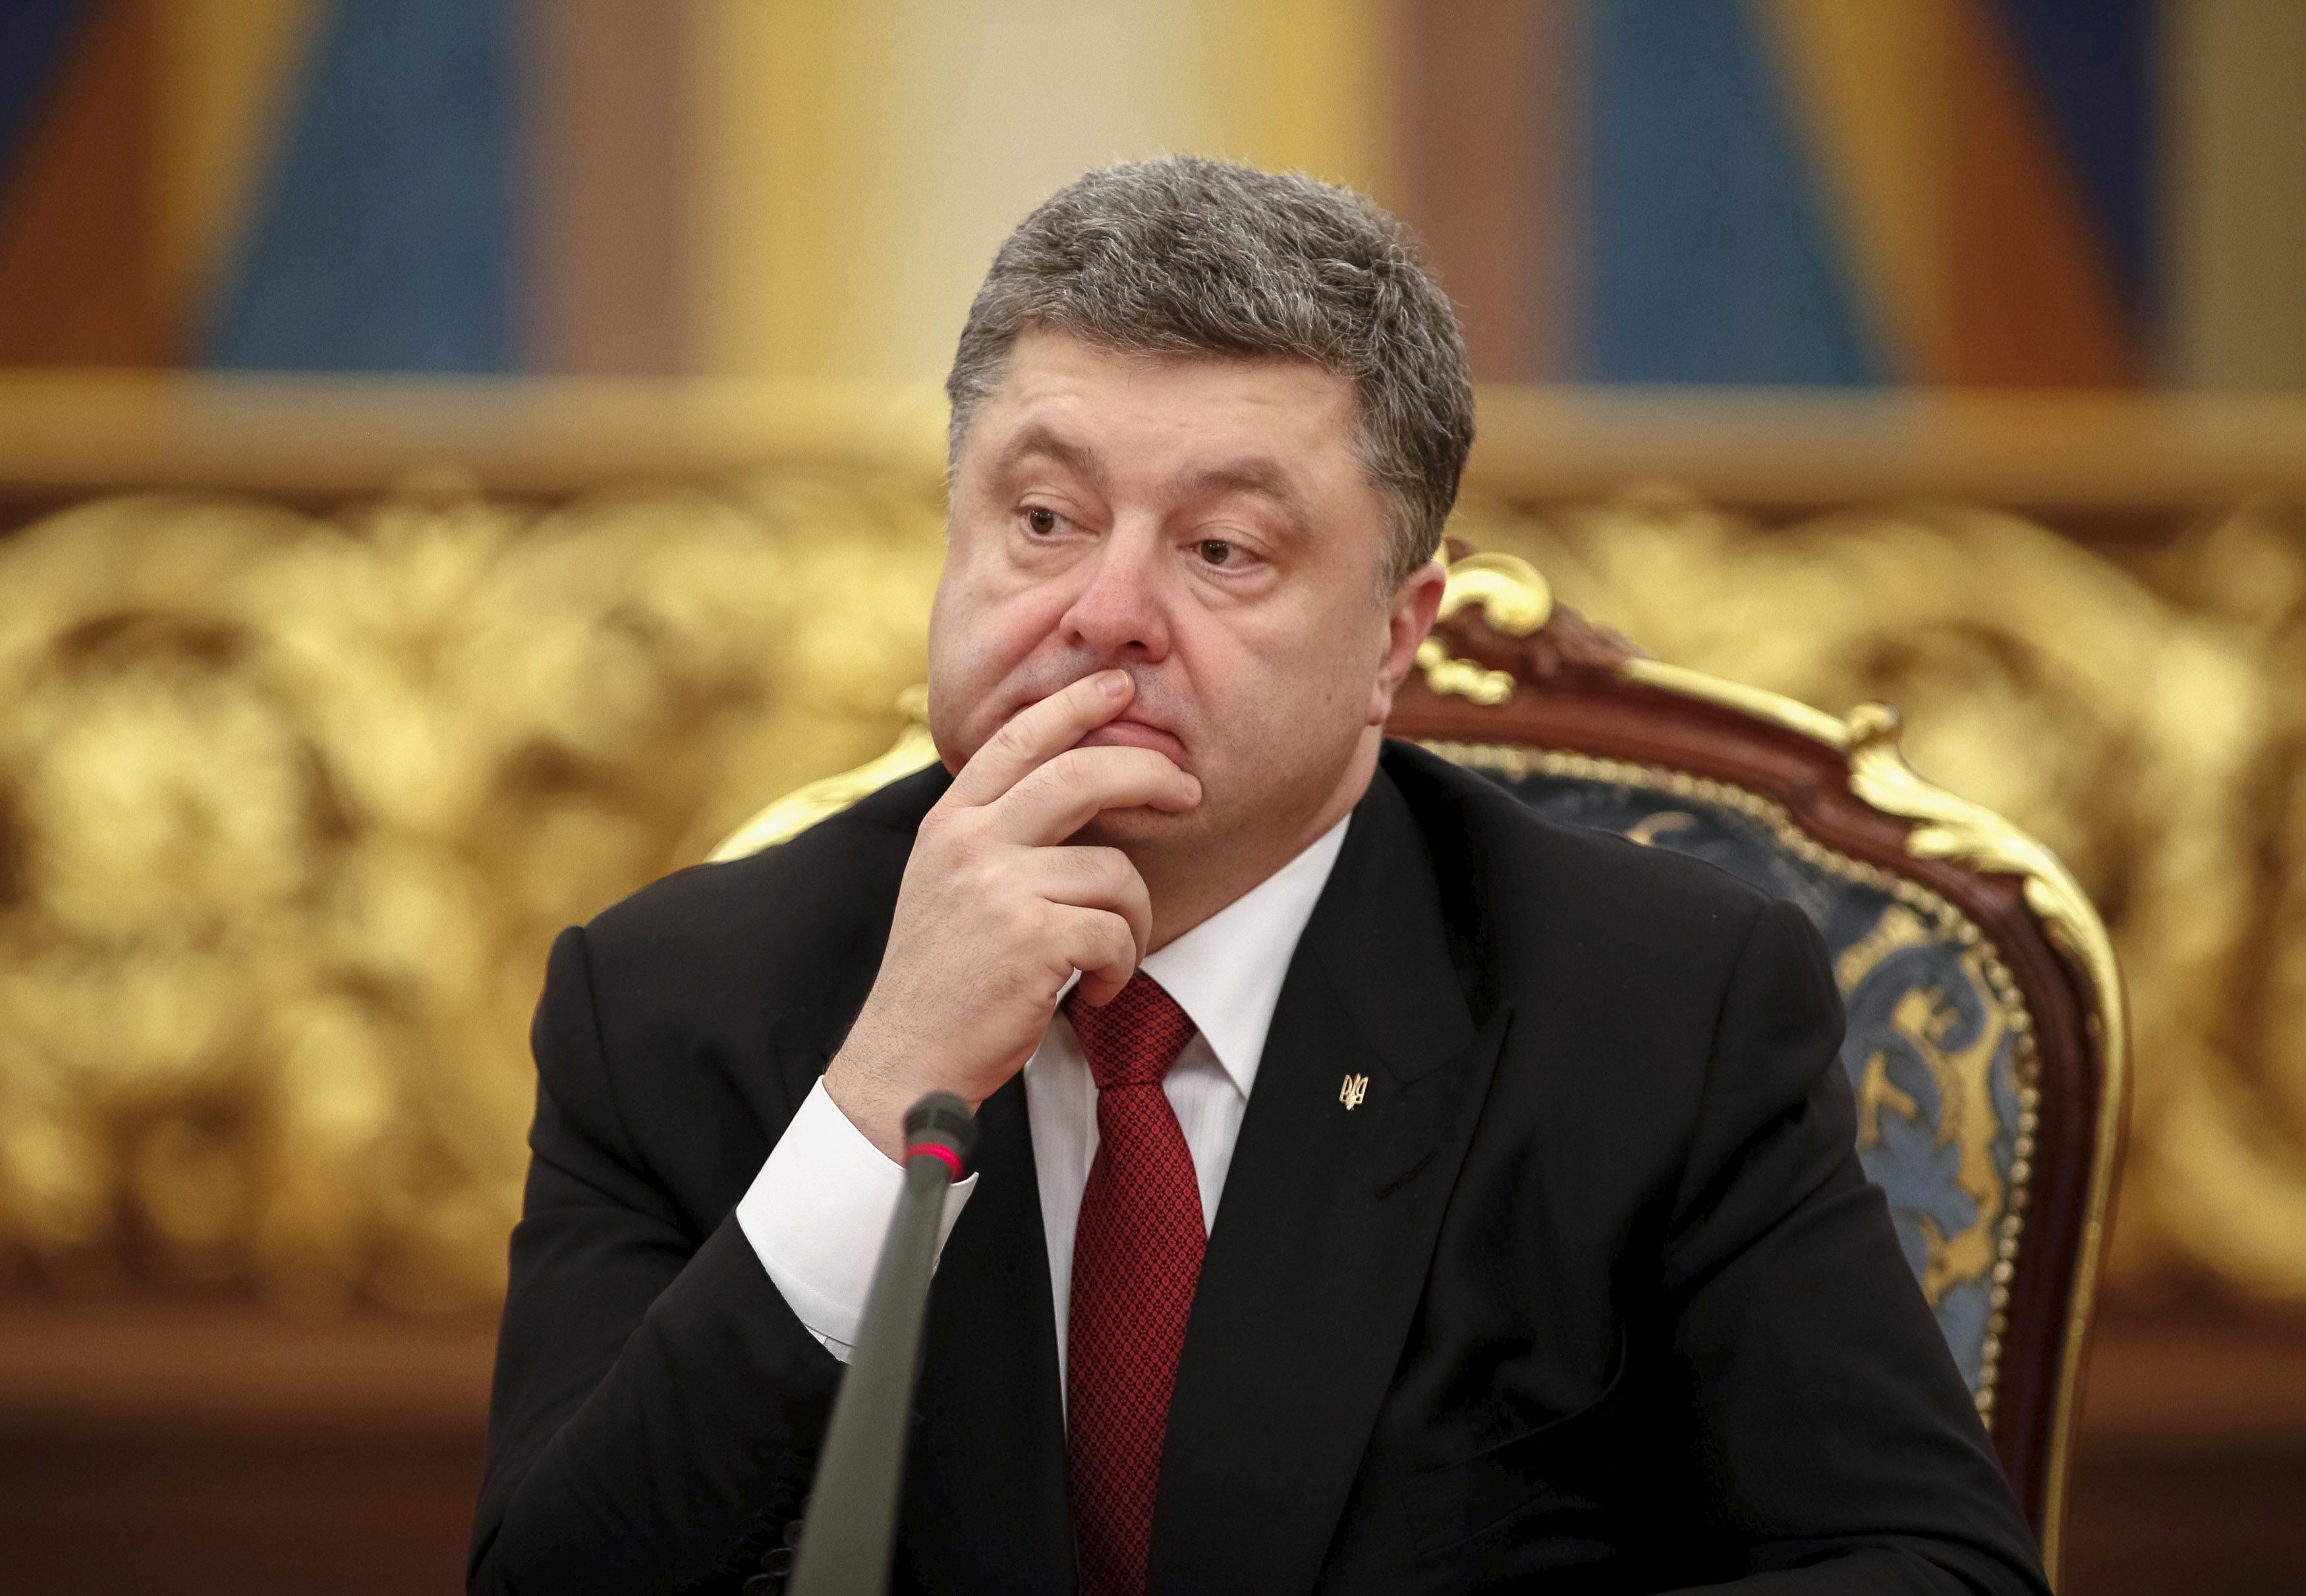 Liderul de la Kiev, Petro Poroshenko, vrea relansarea negocierilor pentru Donbass